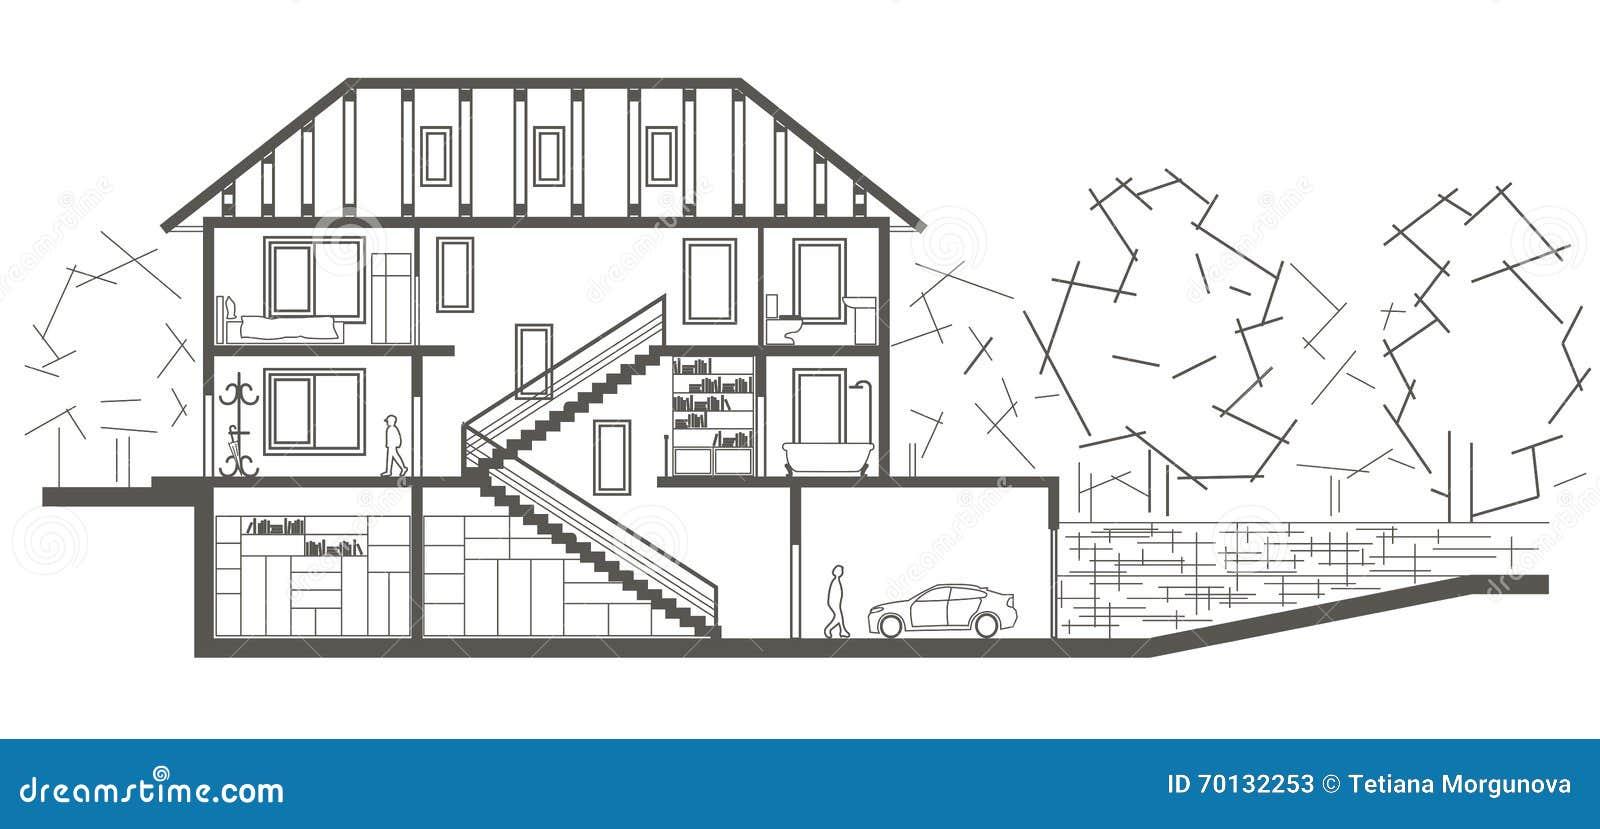 architekturskizzenbaumstrukturhaus schnittzeichnung vektor. Black Bedroom Furniture Sets. Home Design Ideas